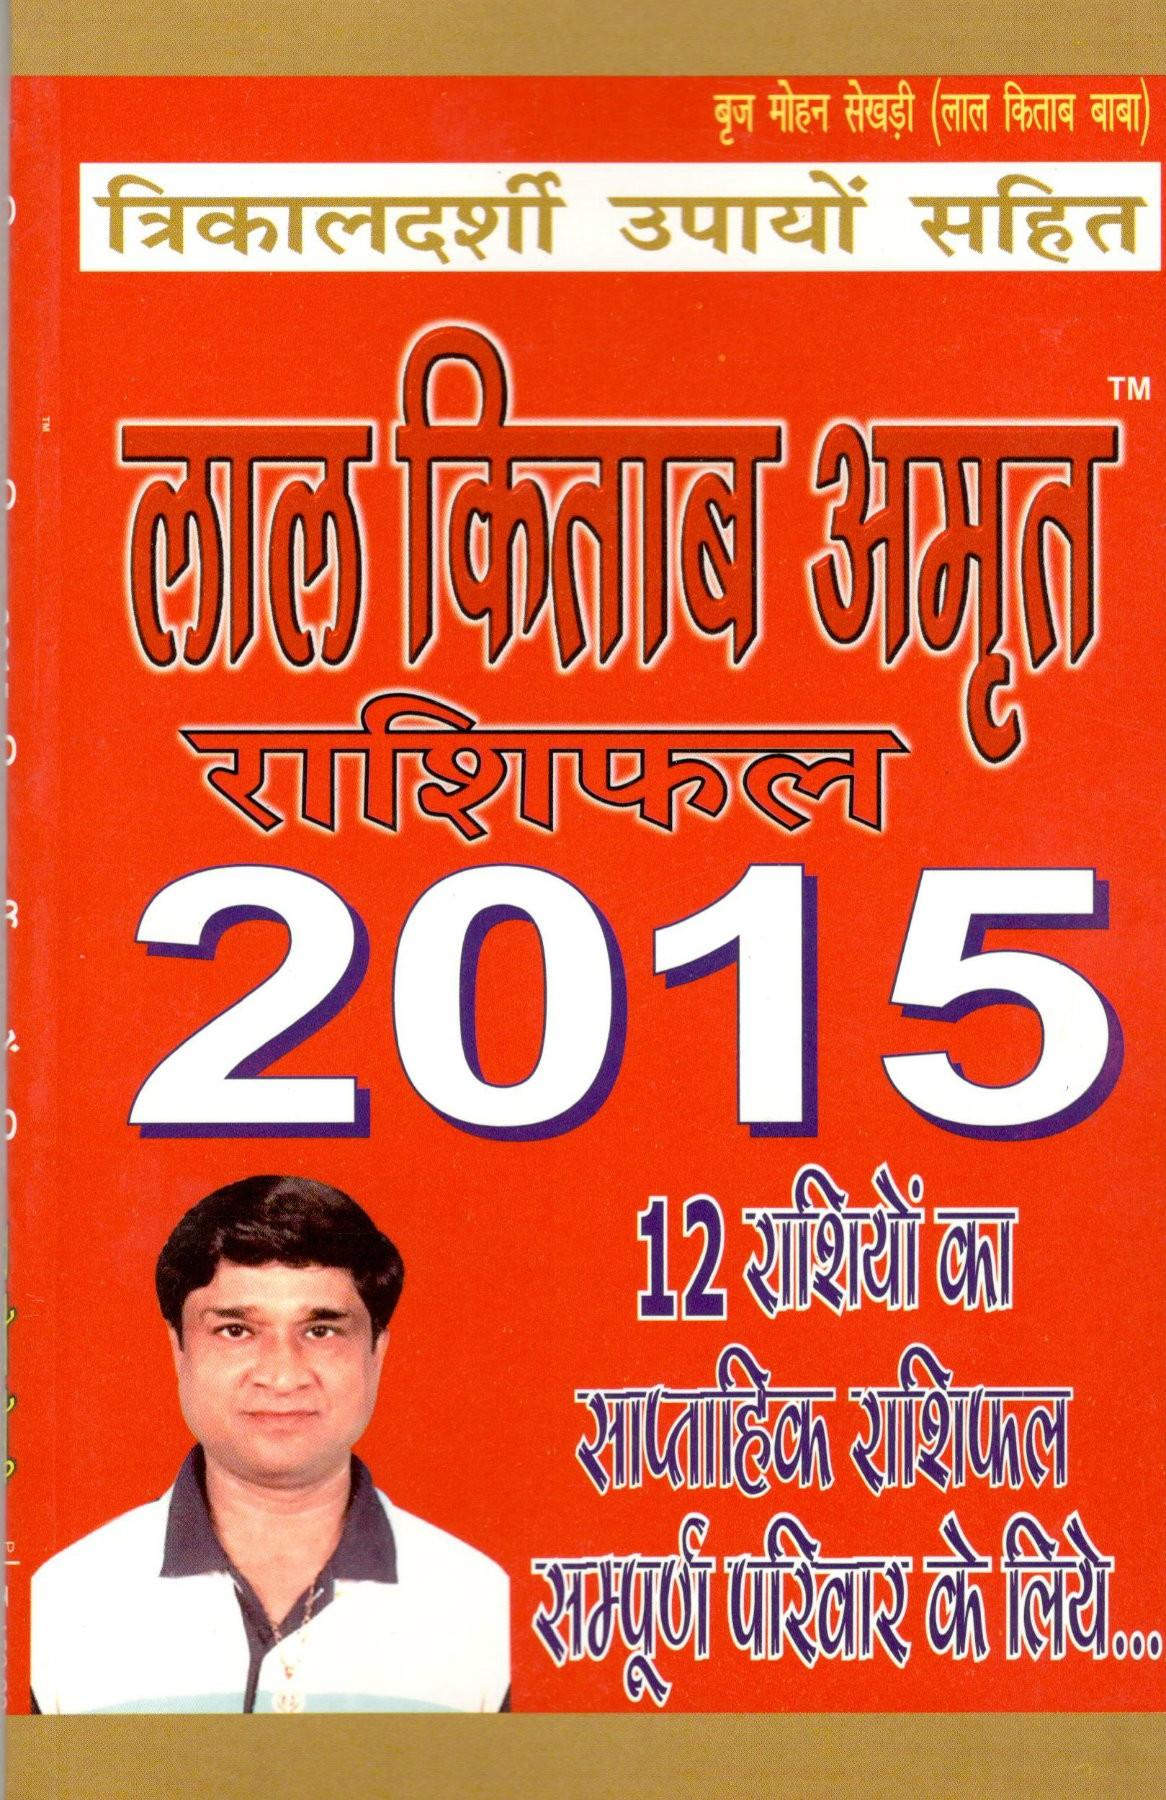 Lal Kitab Amrit - 2015 - Rs 150 - Lakshmi Book Store